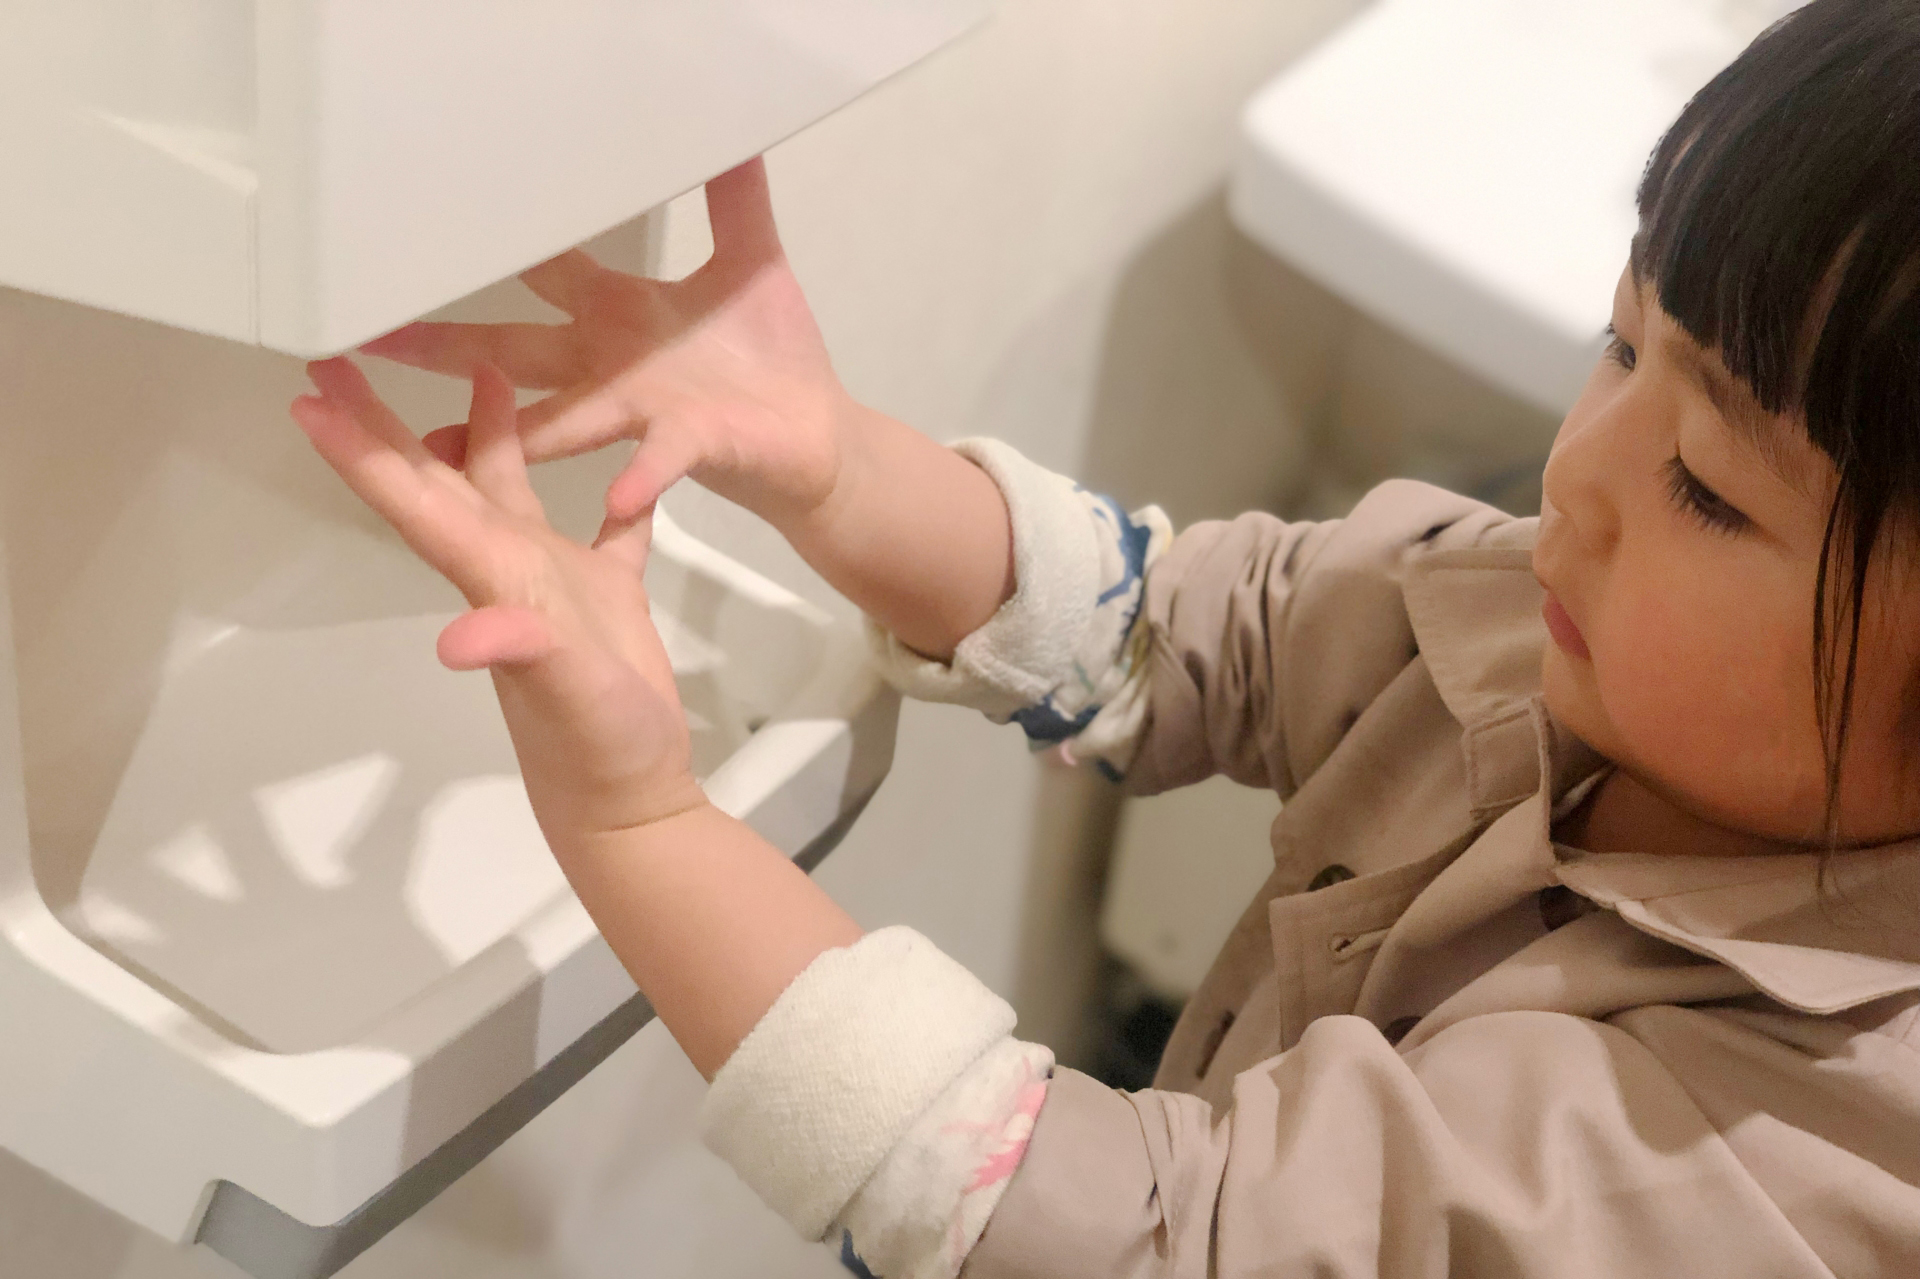 【大掃除須知】家居6大恐怖邋遢位 洗碗海綿多達362種細菌